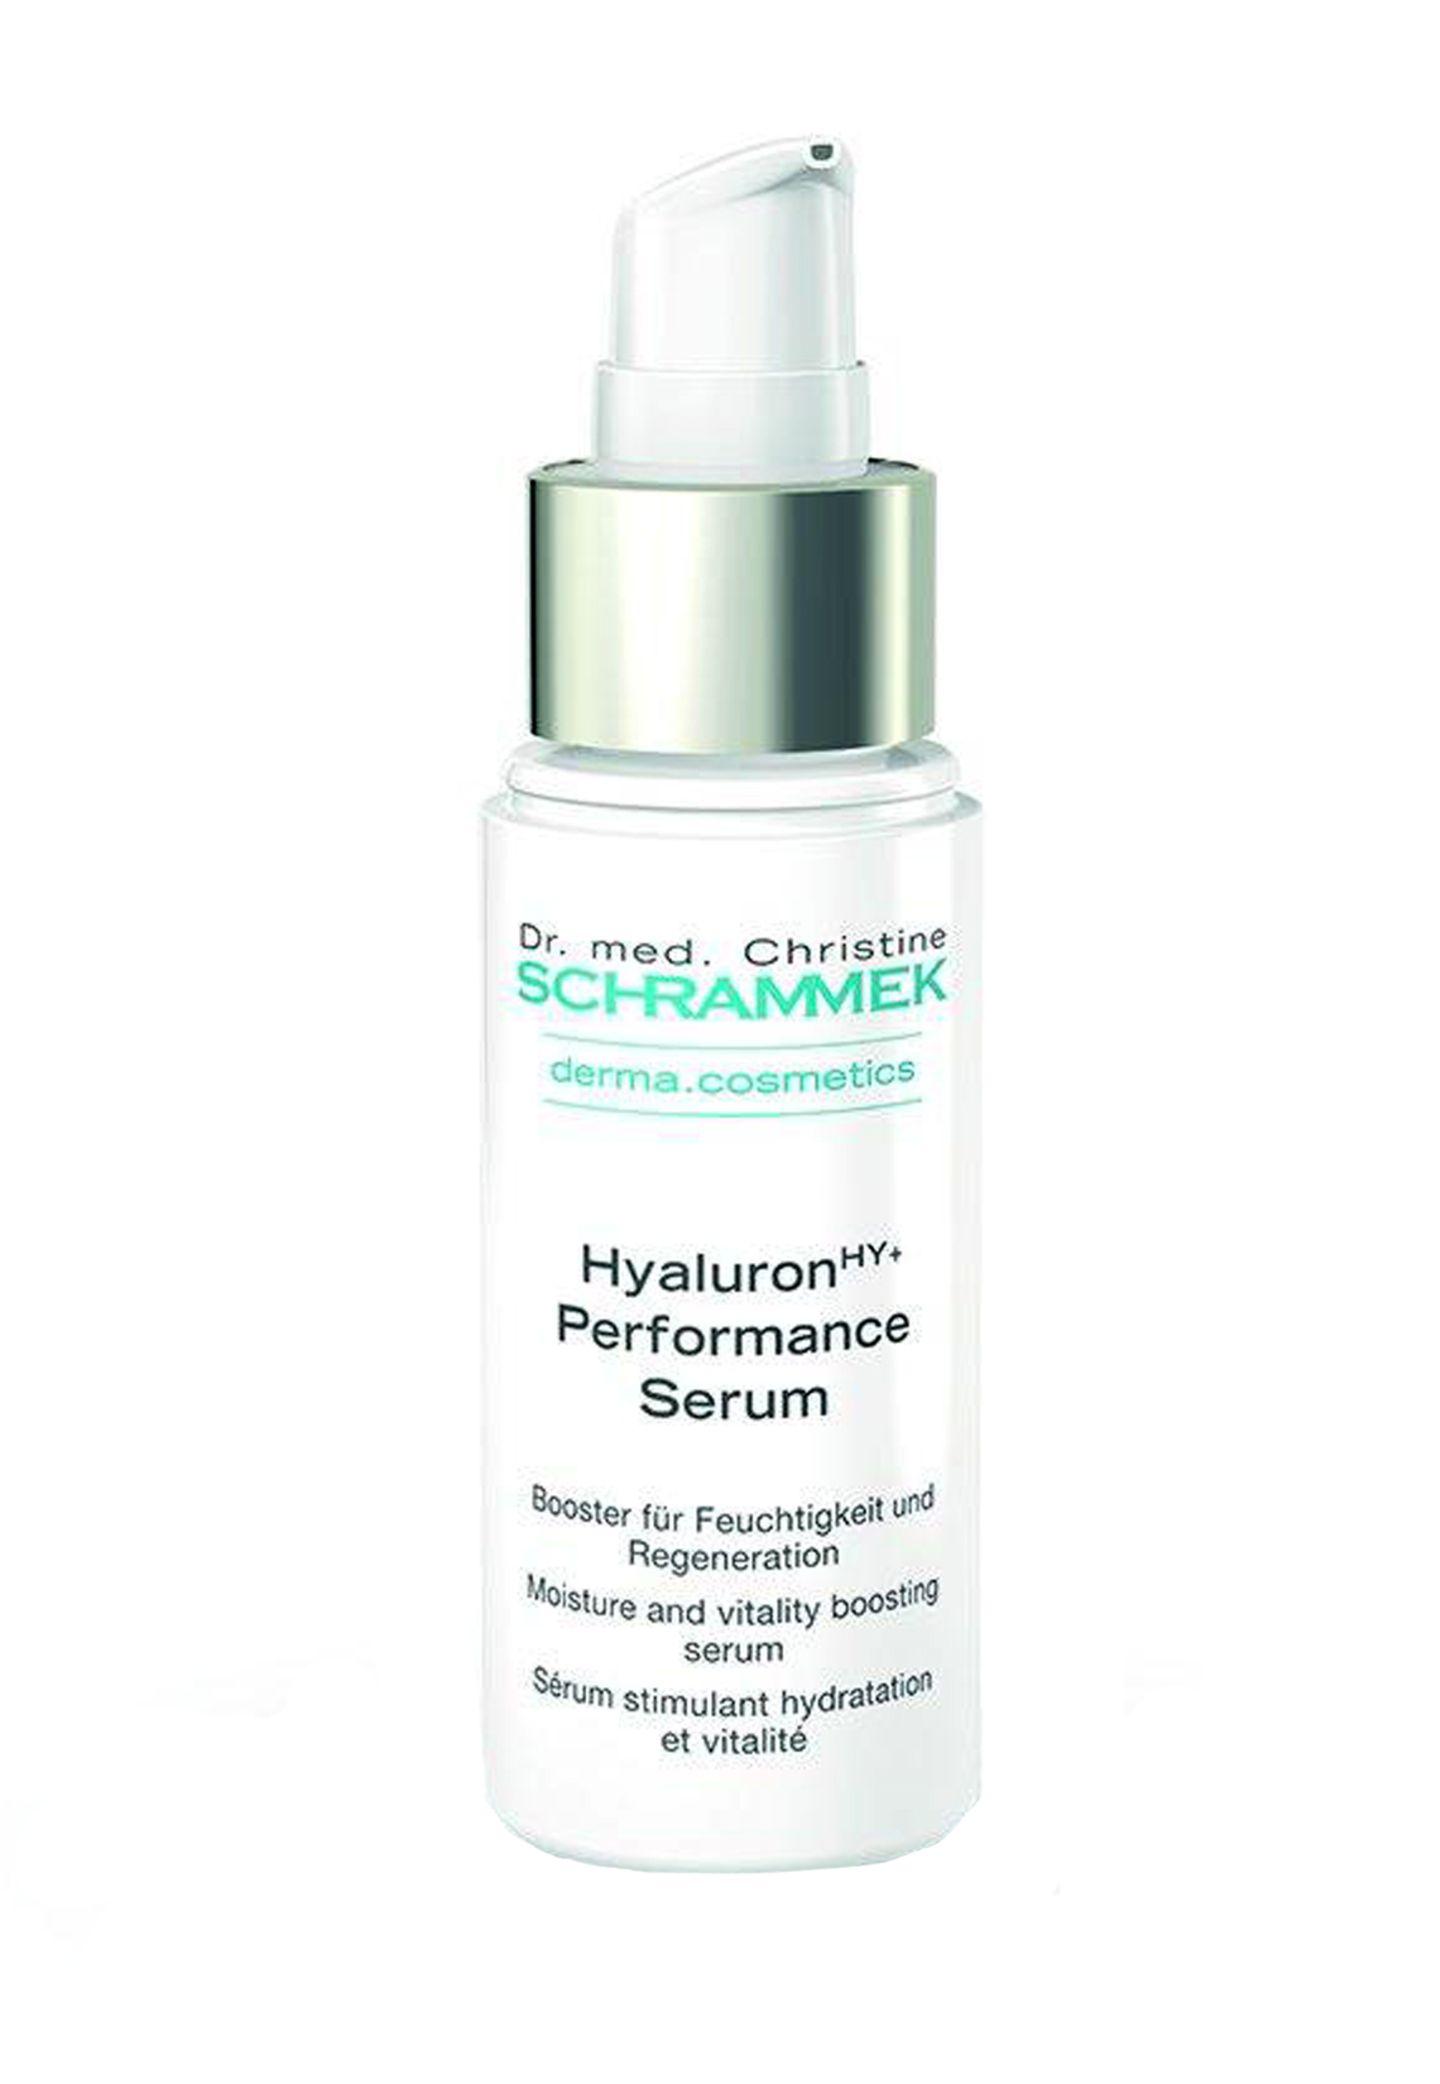 """Für Sensibelchen: """"Hyaluron HY+ Performance Serum"""" von Dr. Schrammek, 30 ml, ca. 48 Euro, www.schrammek.de"""